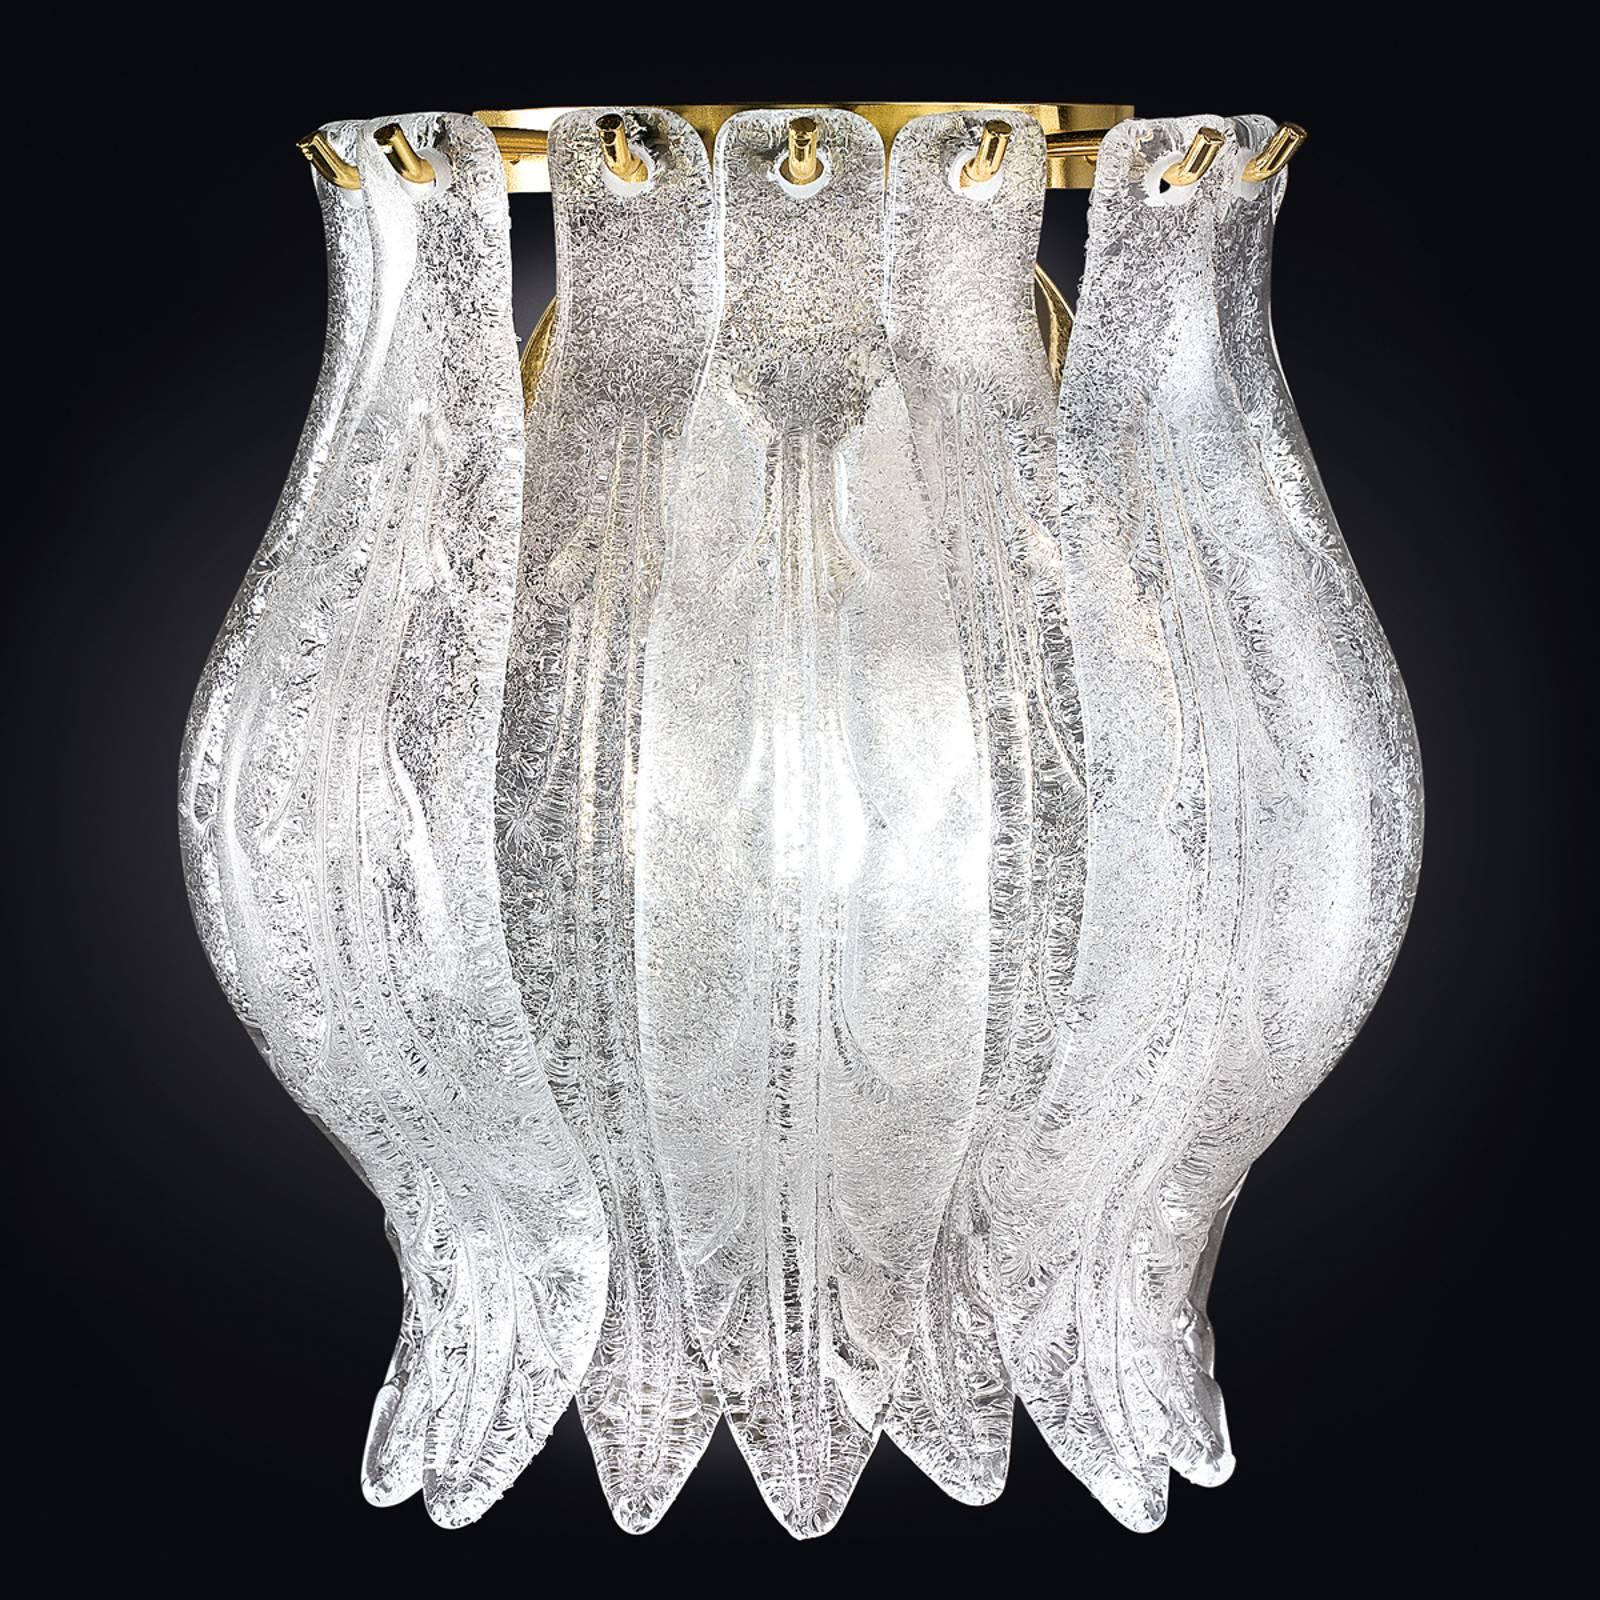 Wandleuchte Petali mit Muranoglas 19 cm